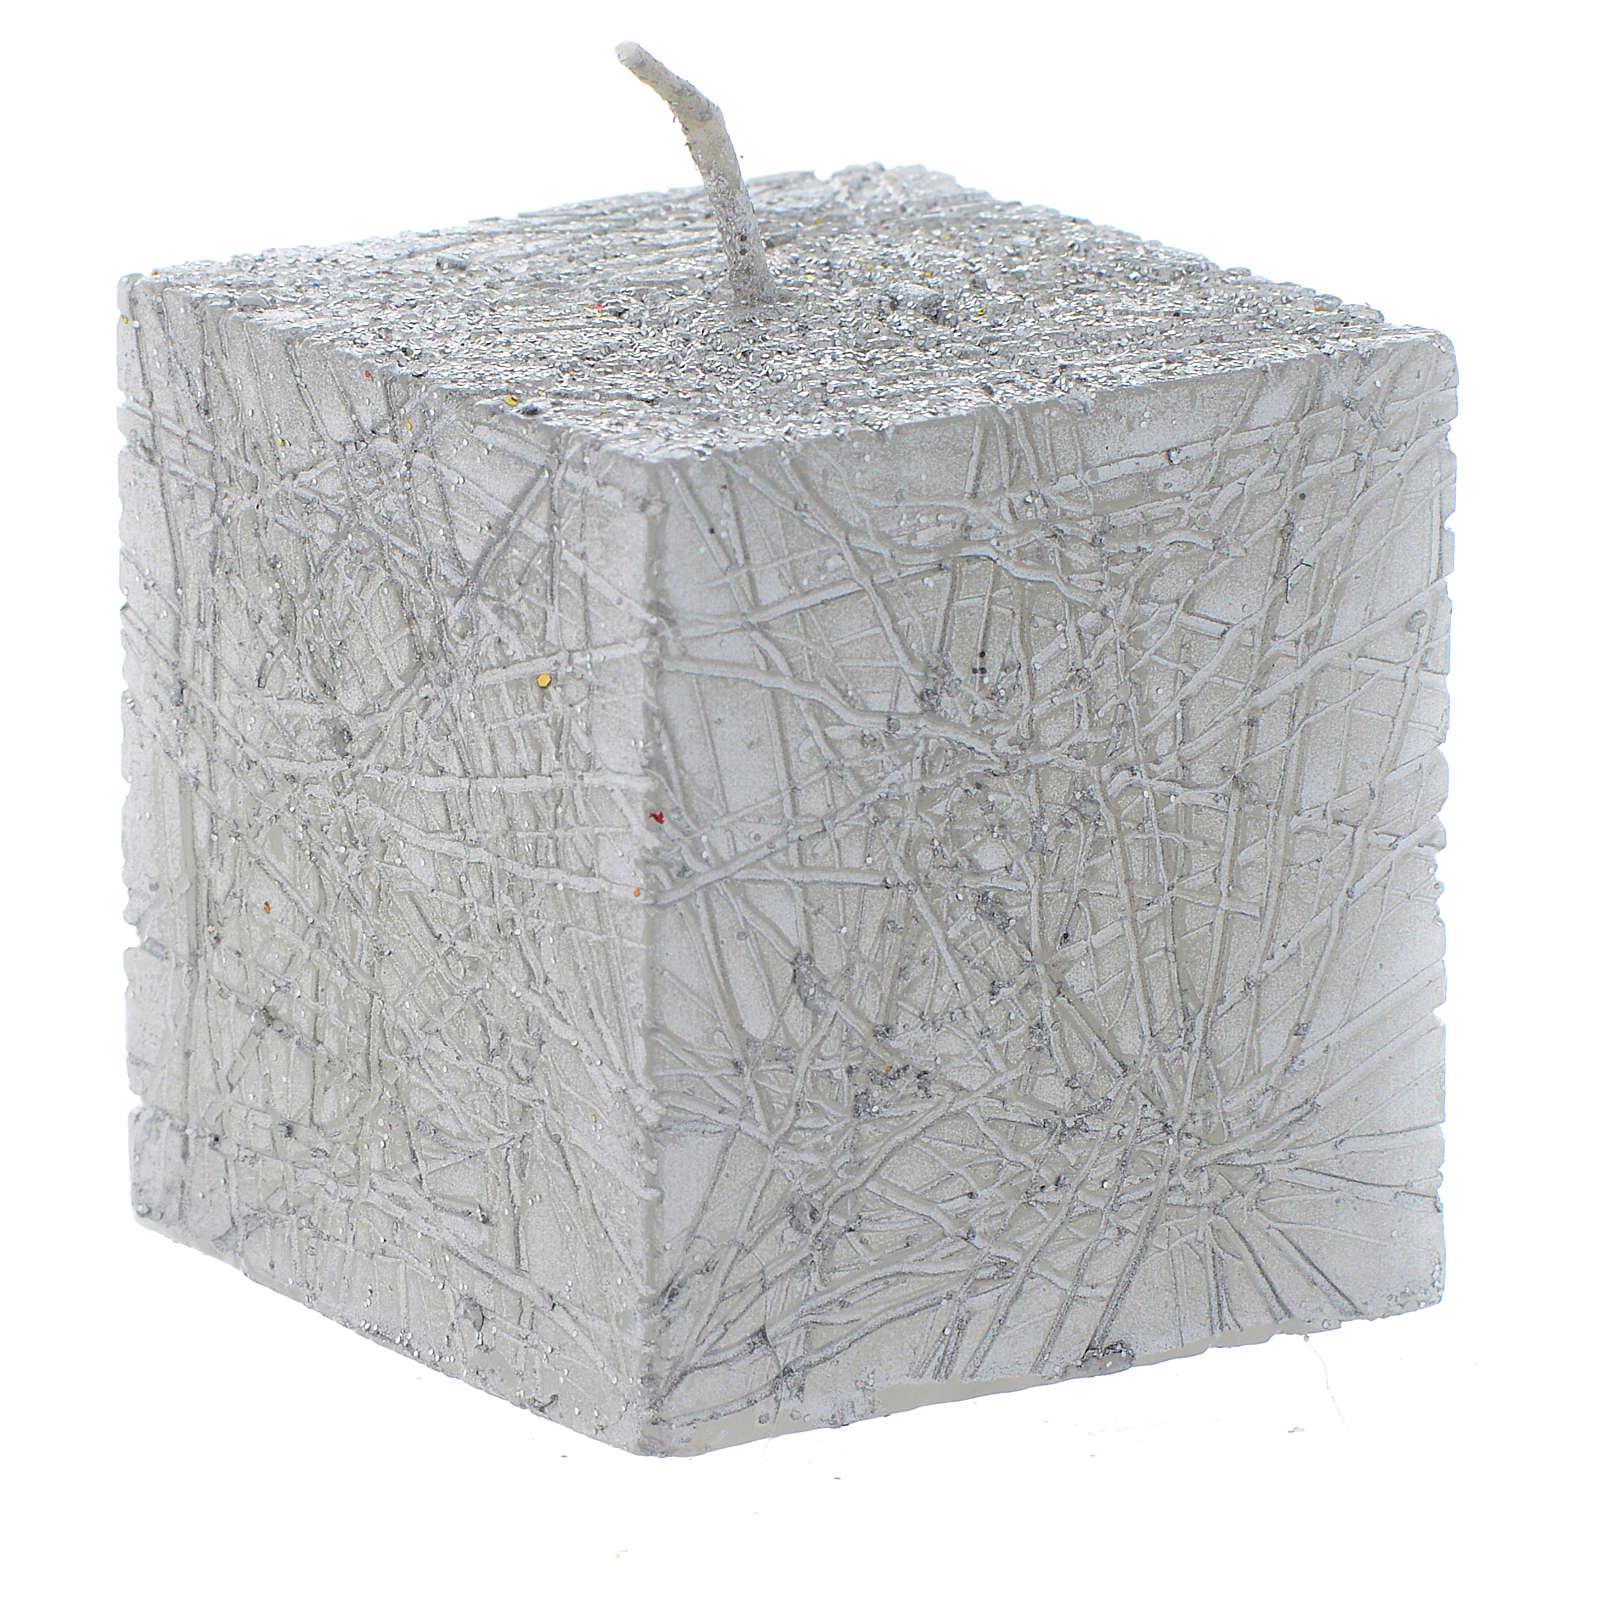 Bougie de Noël Comet cube 5x5 cm argent 3